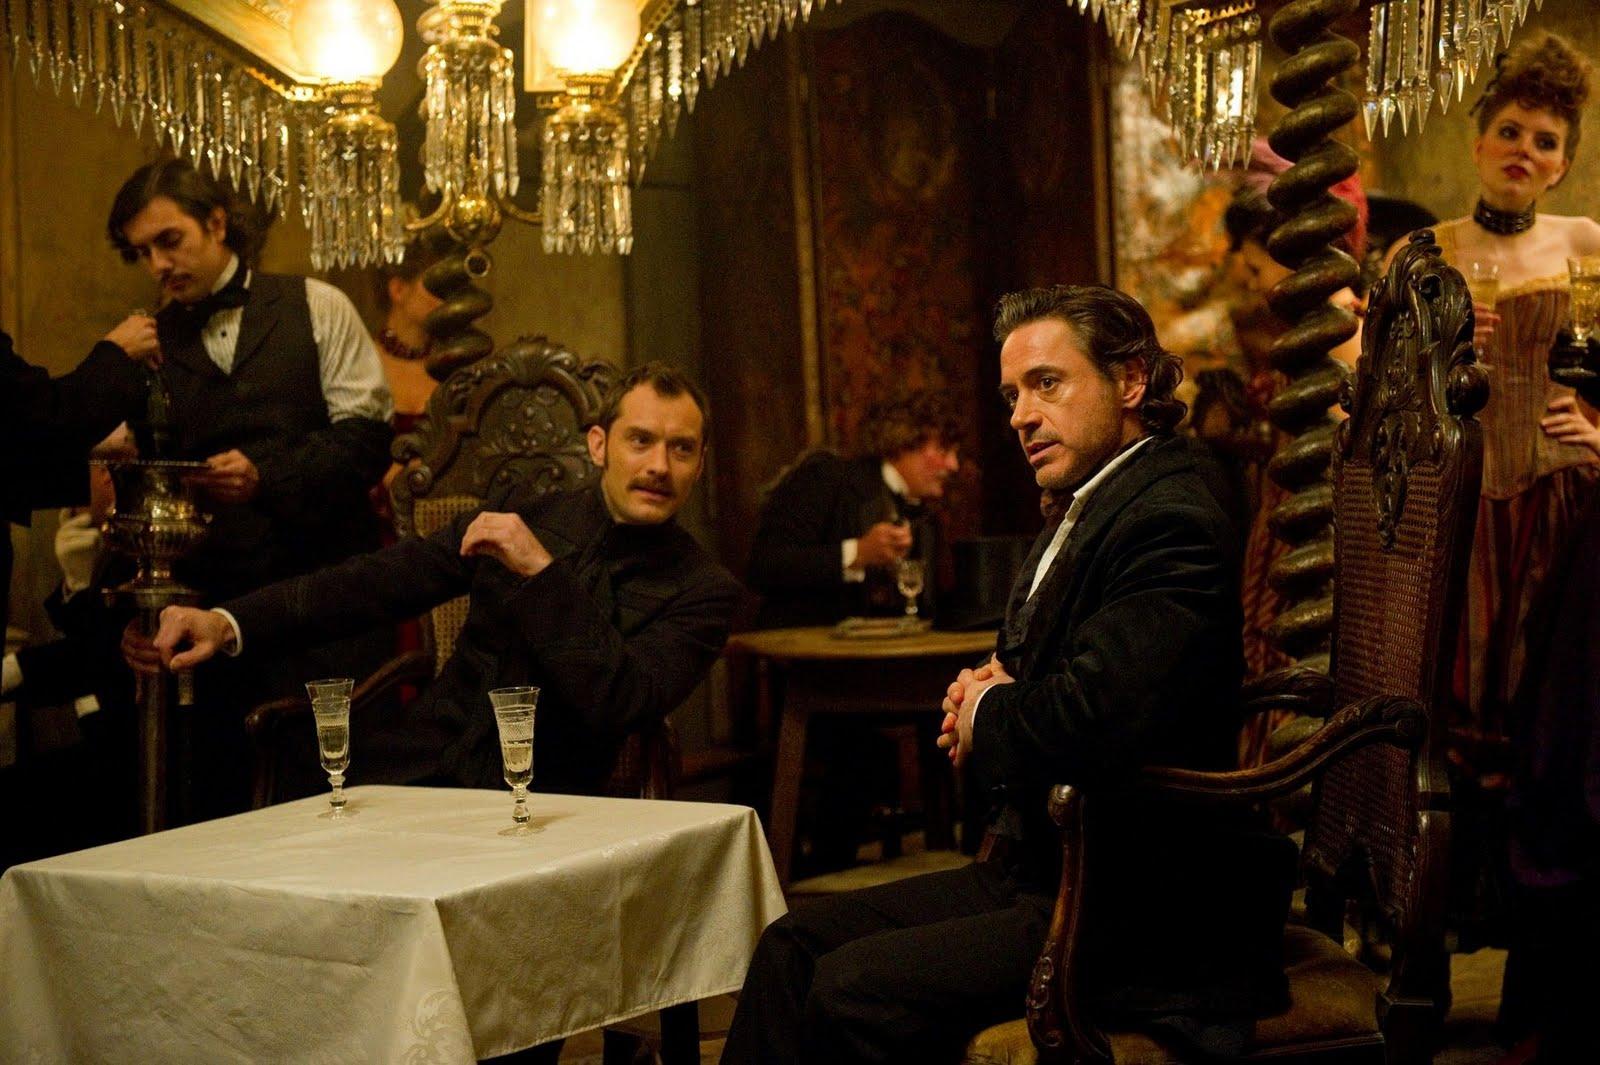 http://1.bp.blogspot.com/-508KrYUjDUc/T_mhQRIc18I/AAAAAAAAB4M/6flPq3DSp10/s1600/Sherlock+Holmes+2+New+Pictures+%25282%2529.jpg